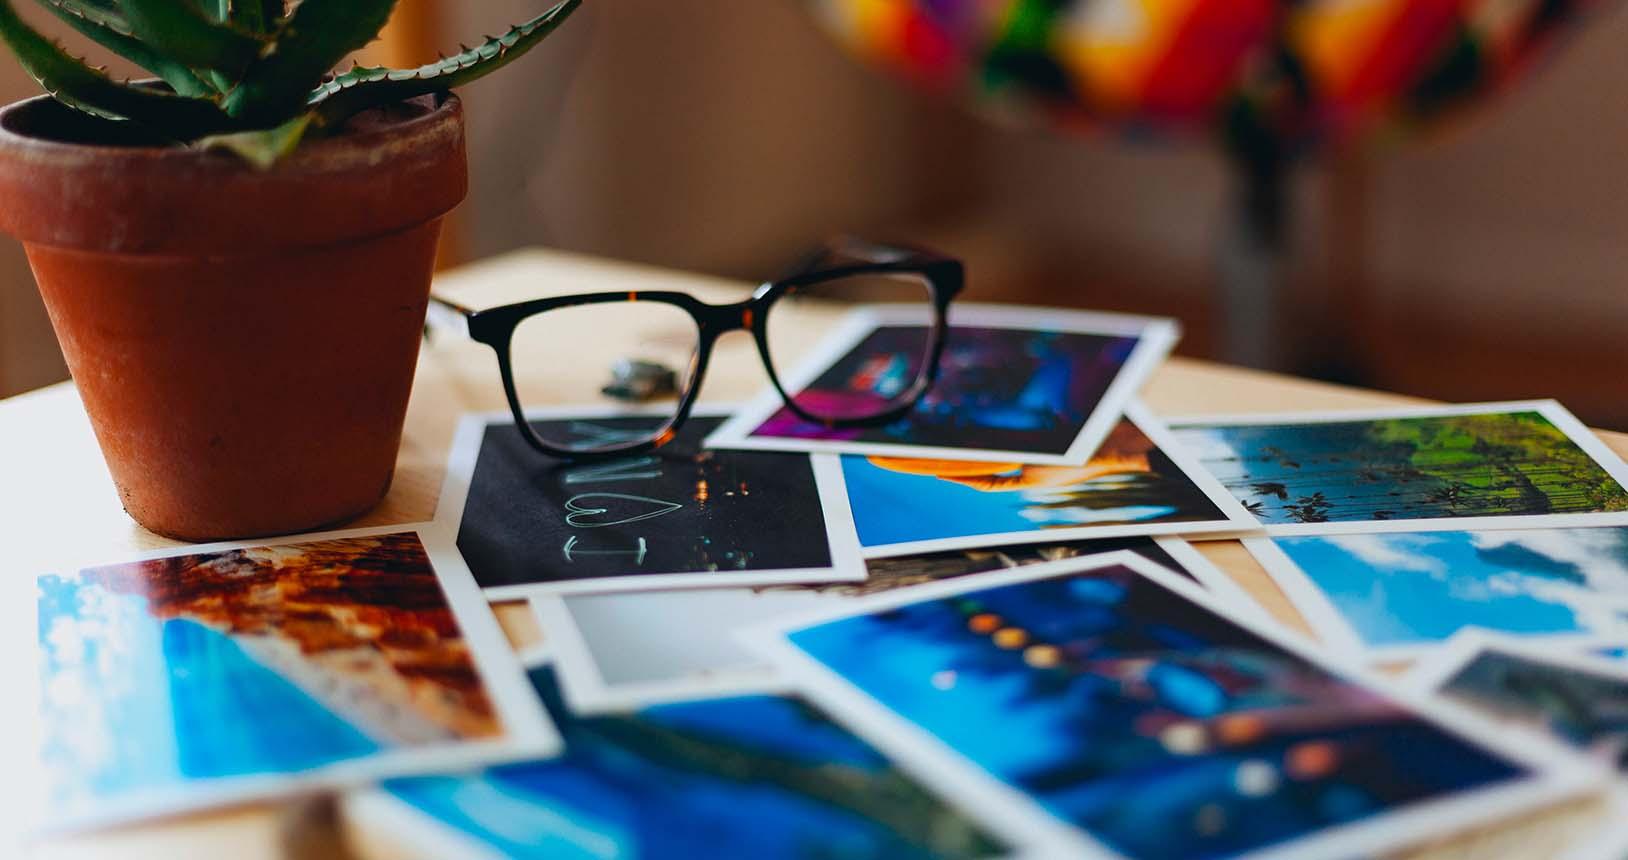 Sconto Pemcards per stampare le tue cartoline